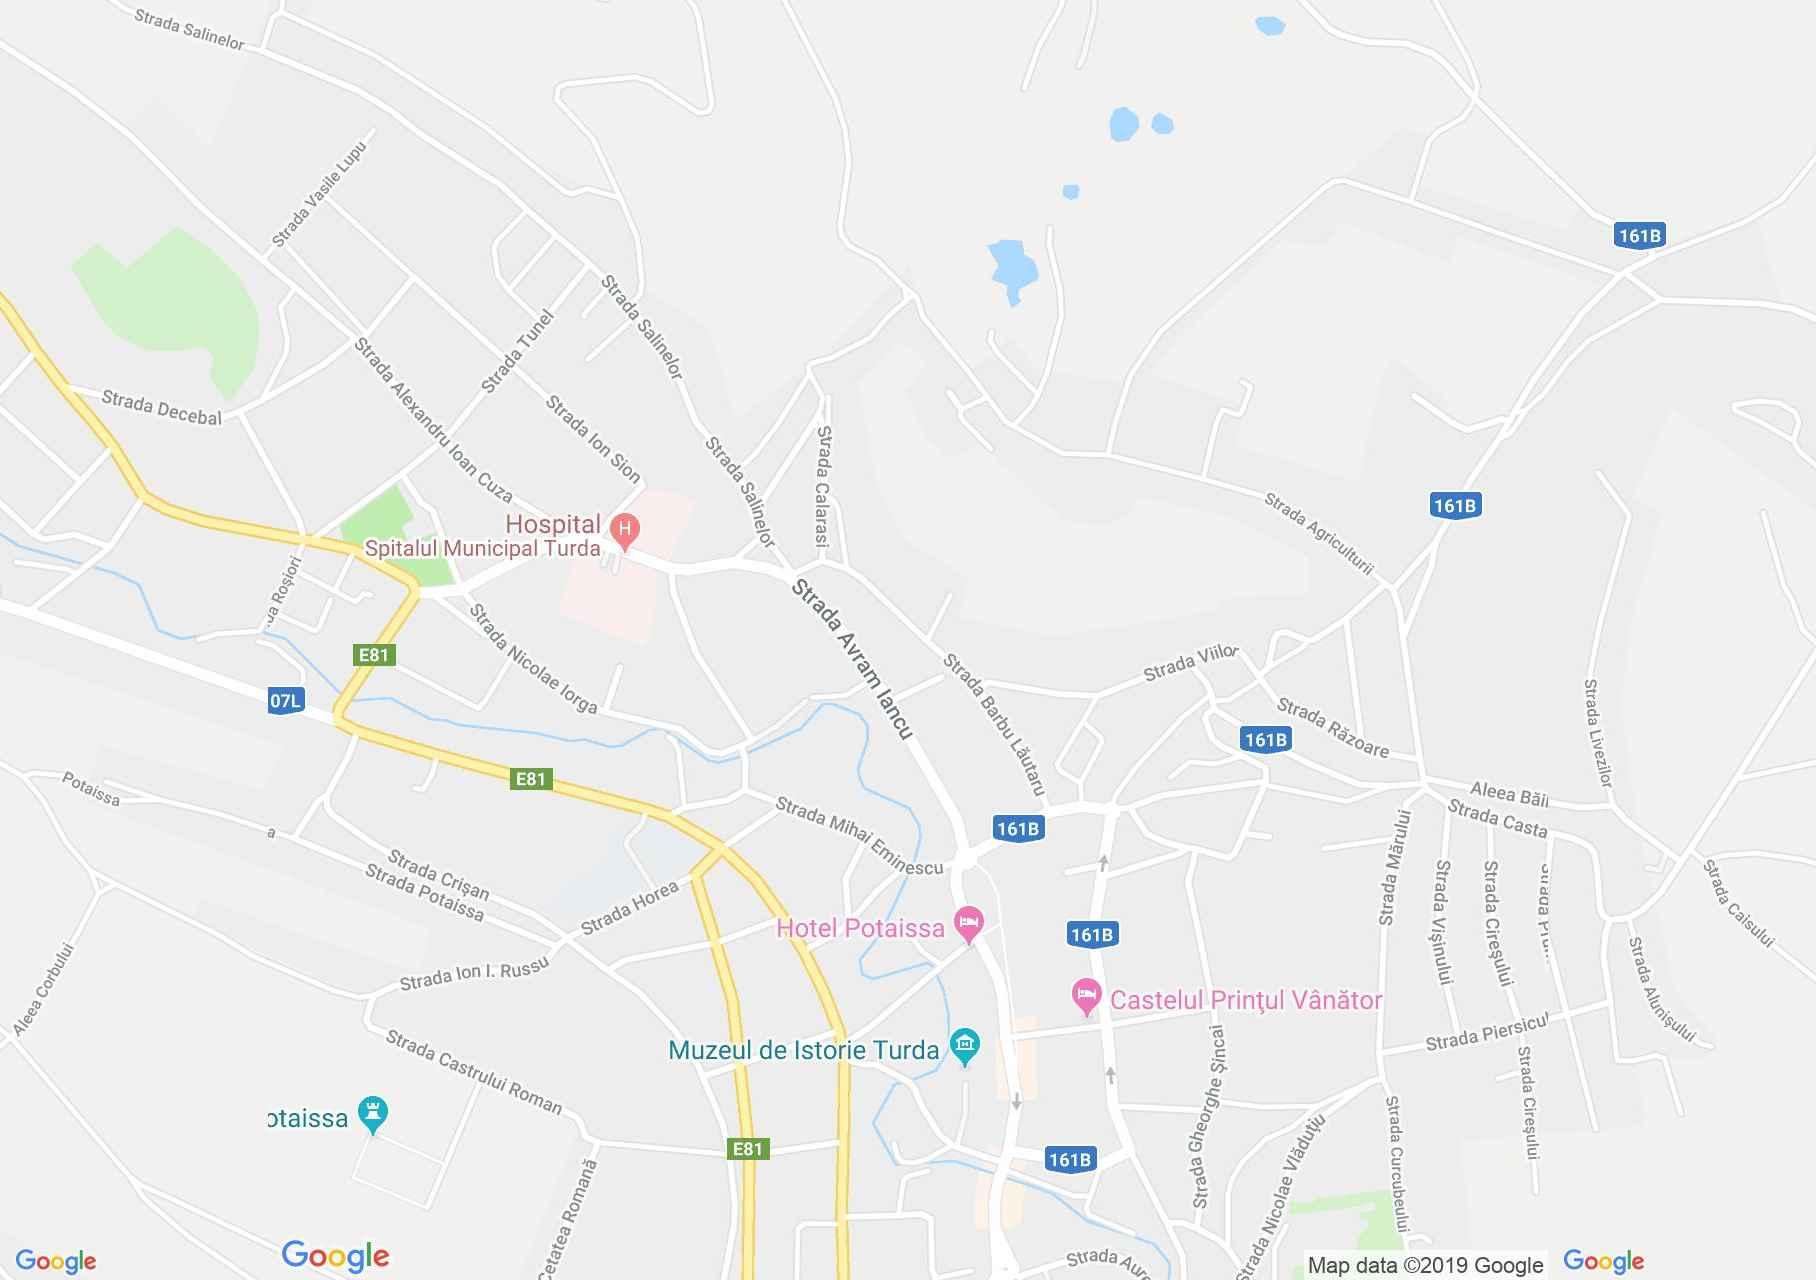 Hartă Turda: Biserica Unitariană